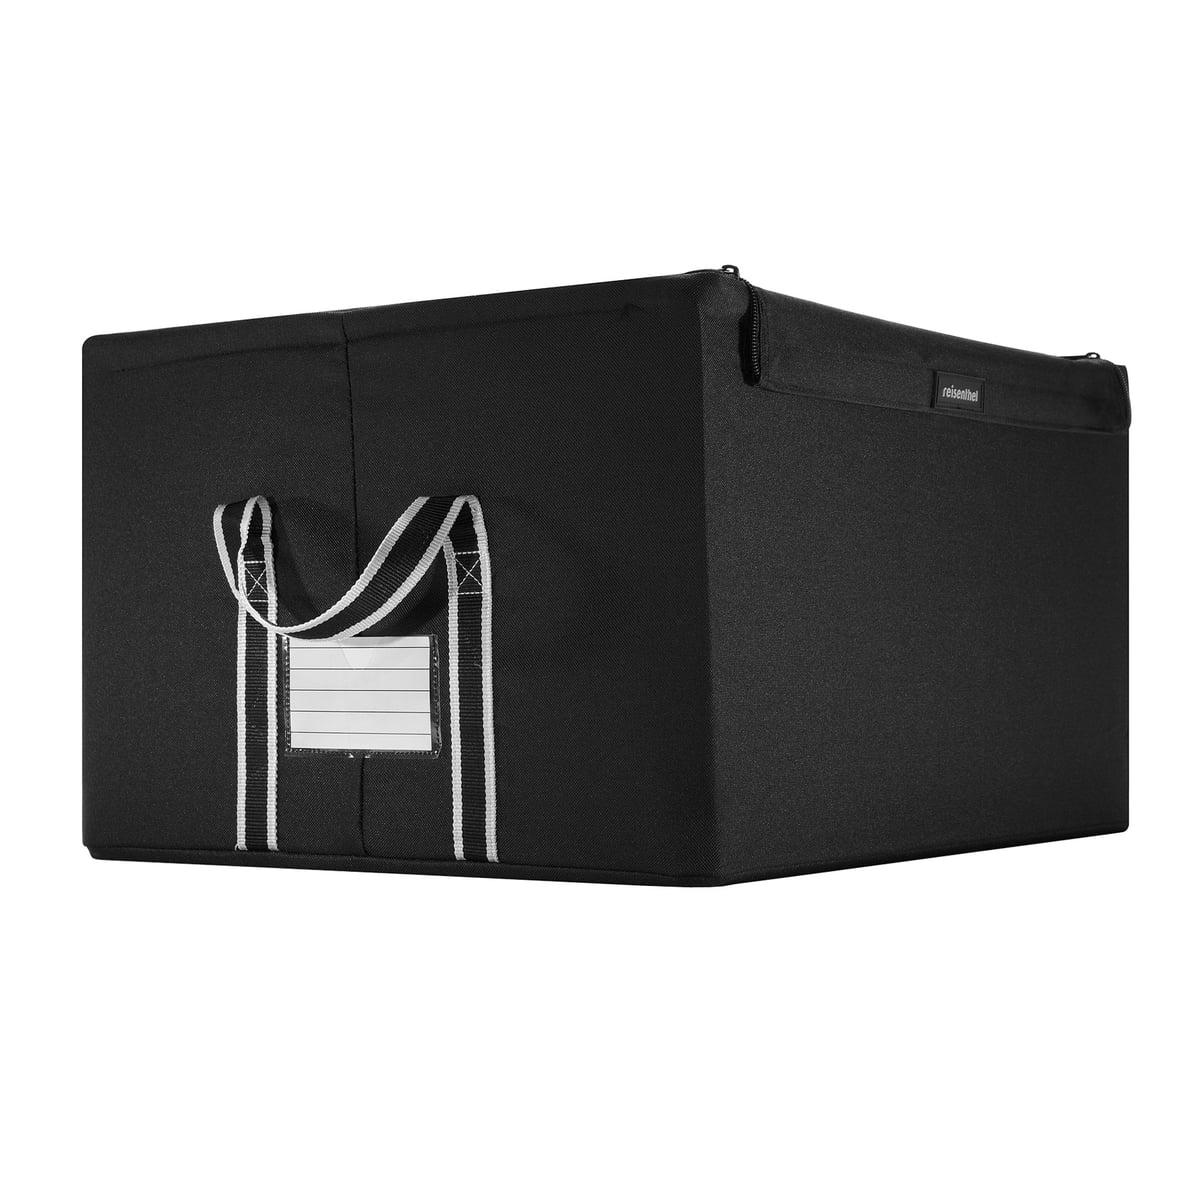 storagebox L by reisenthel in the shop ~ 01230907_Reisenthel Wäschekorb Schwarz